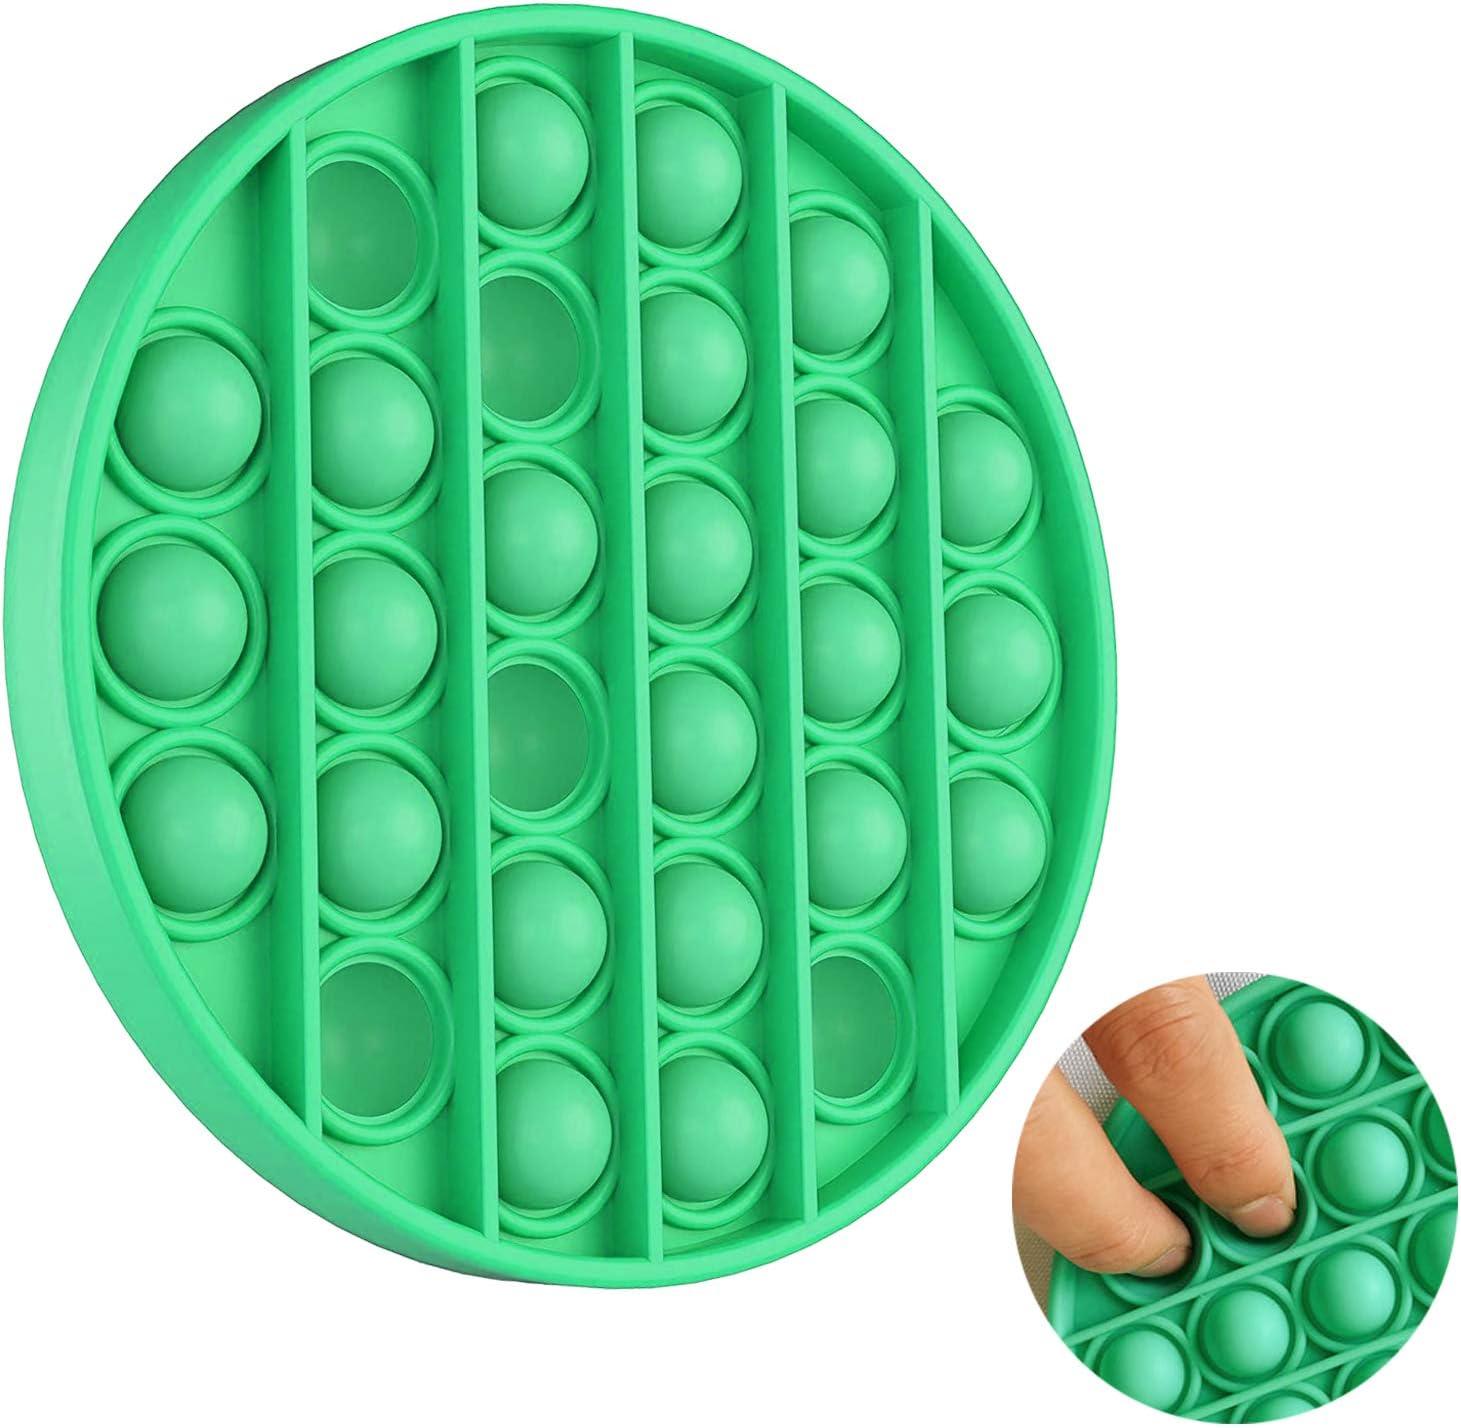 Gr/üner Kreis Autismus Besondere Bed/ürfnisse Stressabbau Angst Linderung Spielzeug Tanku Toys Push Pop Bubble Sensory Zappeln Spielzeug Bubble Popping Sensory Fidget Schreibtisch Spielzeug